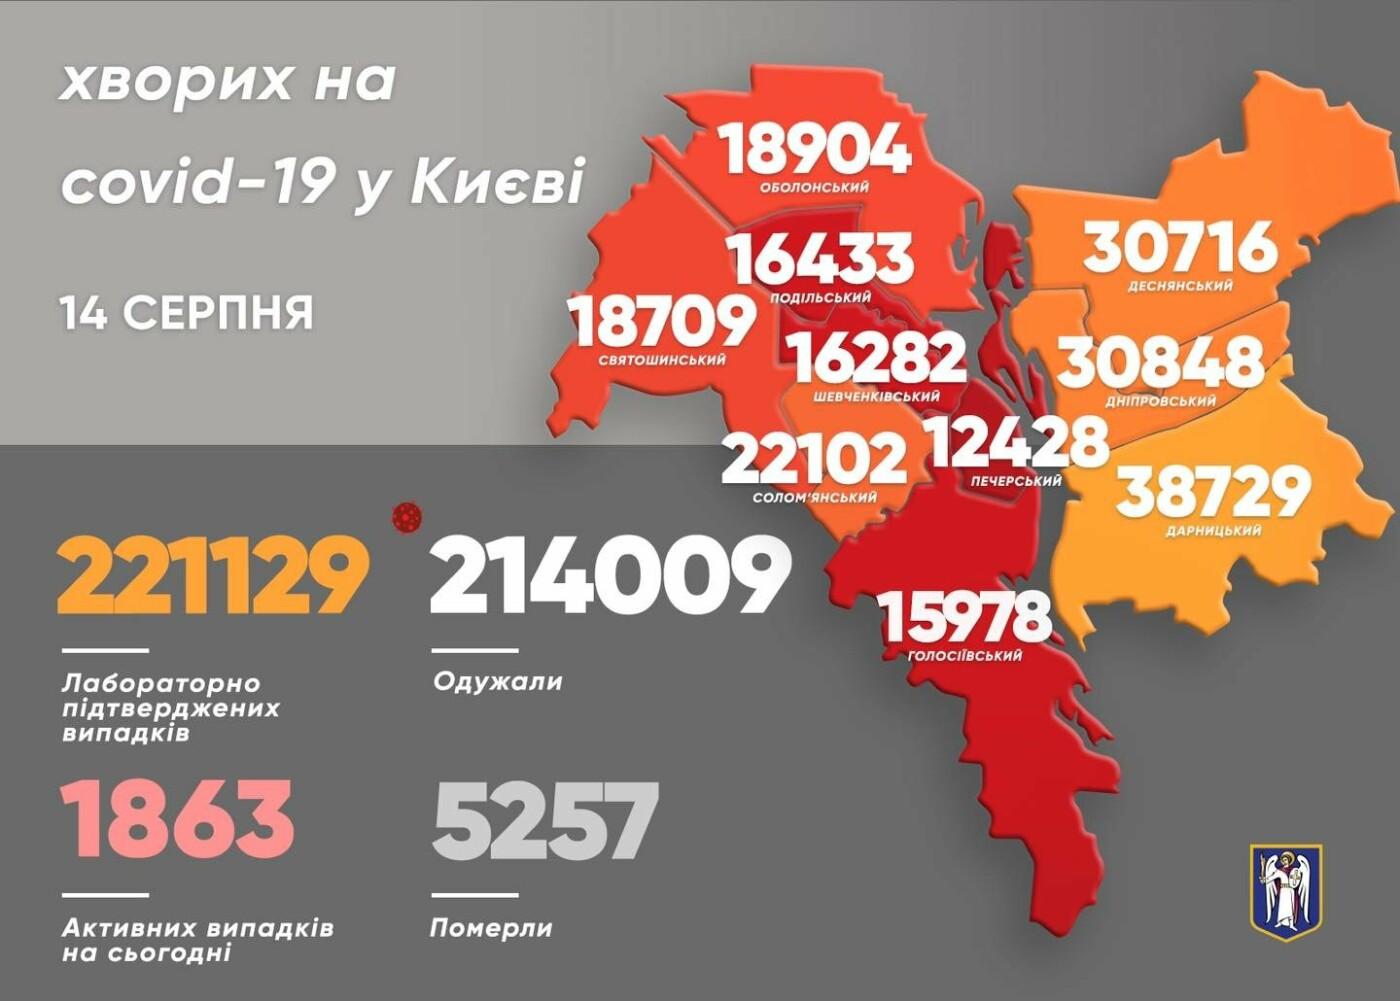 Статистика на 14 августа